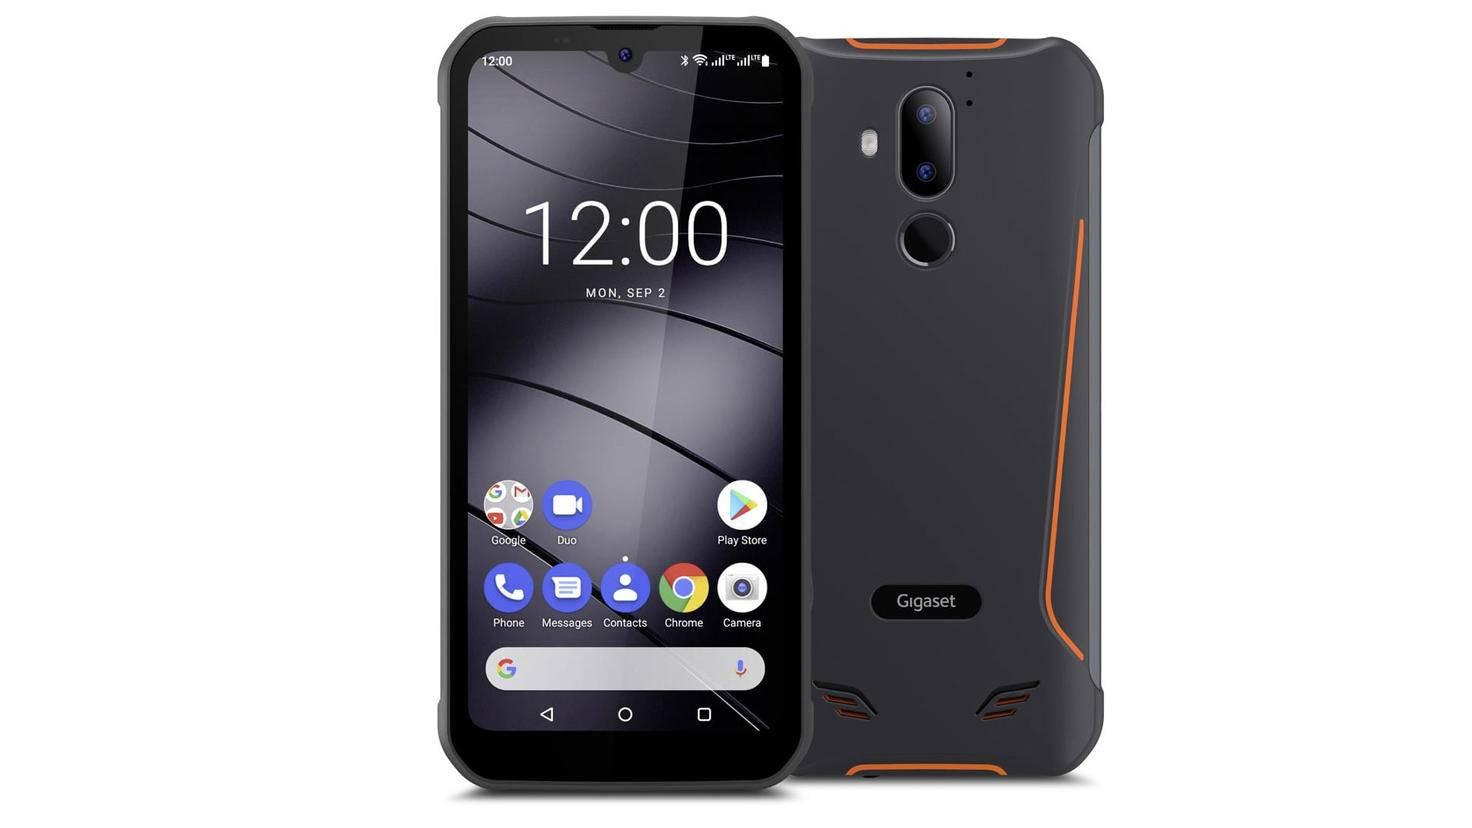 outdoor-smartphone-gigaset-gx290